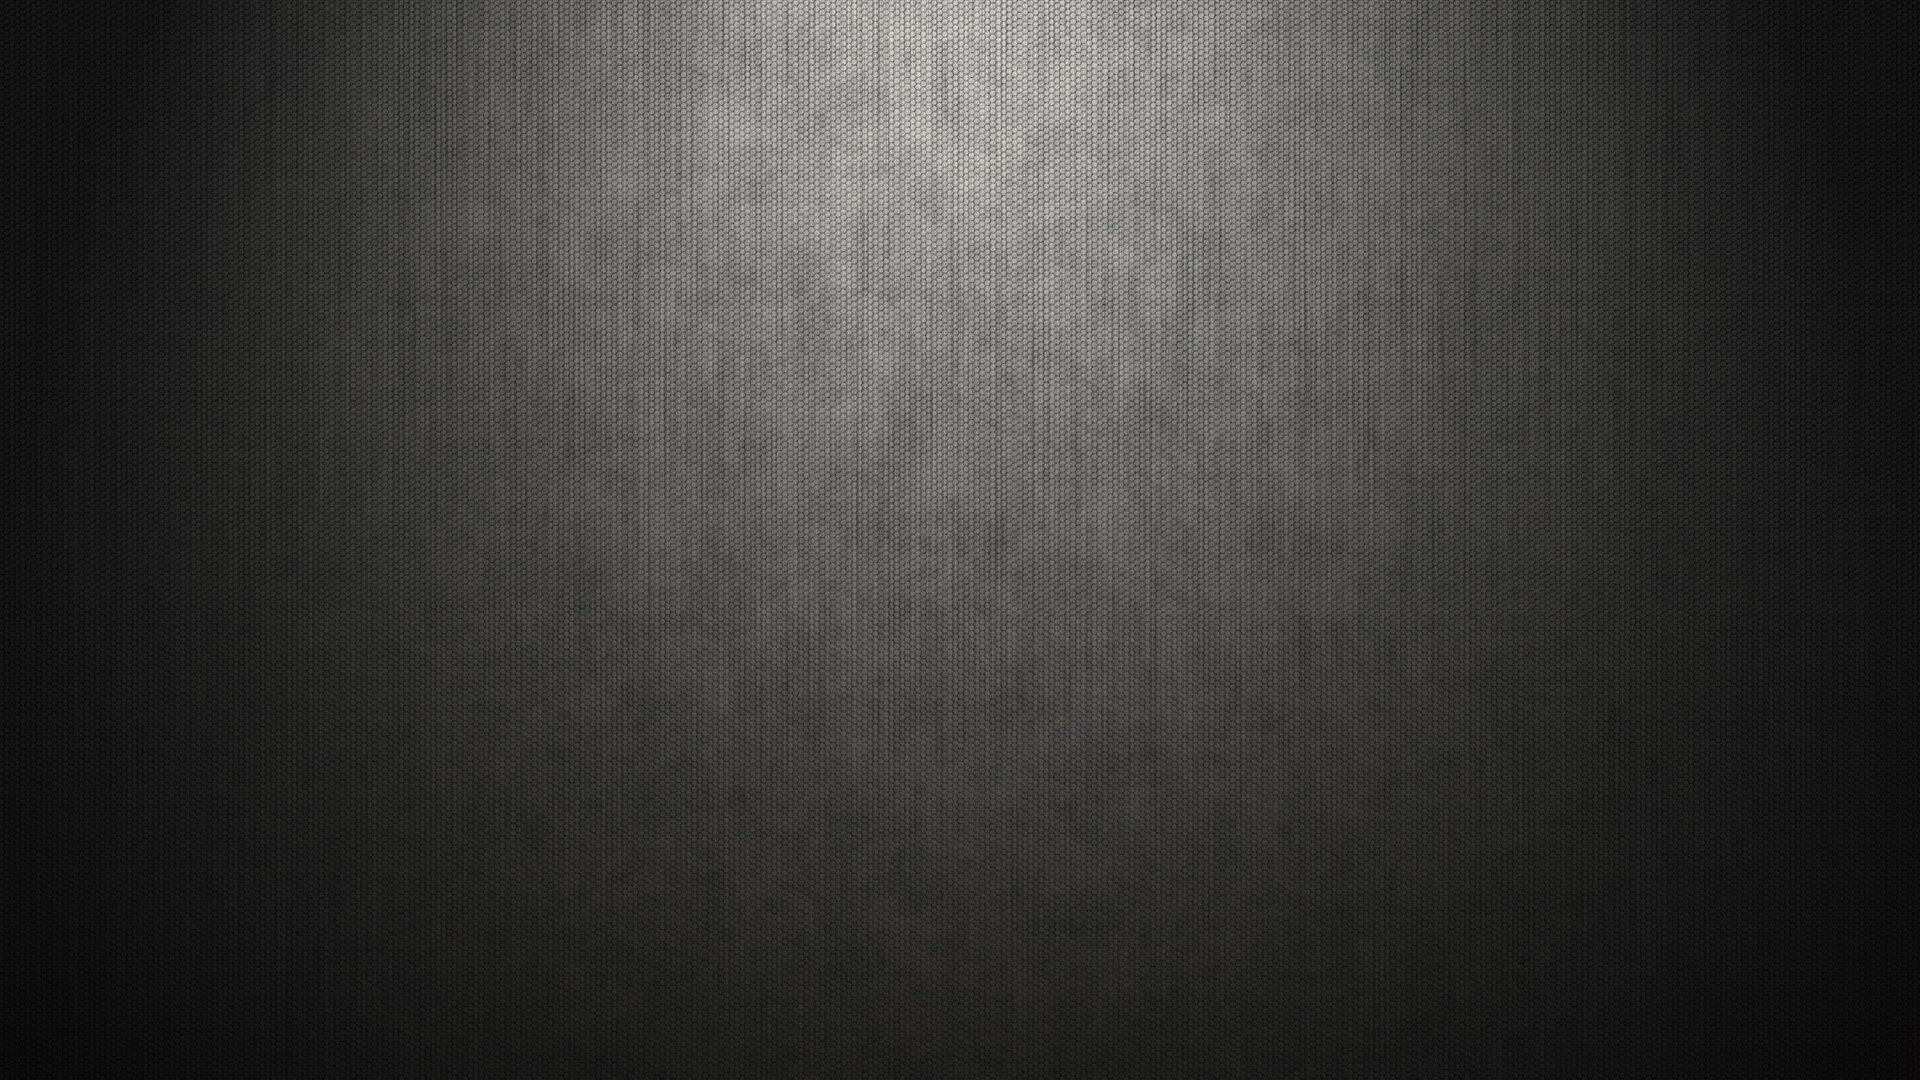 rants wallpaper wallpapers rapper perfect black minimalist 1920x1080